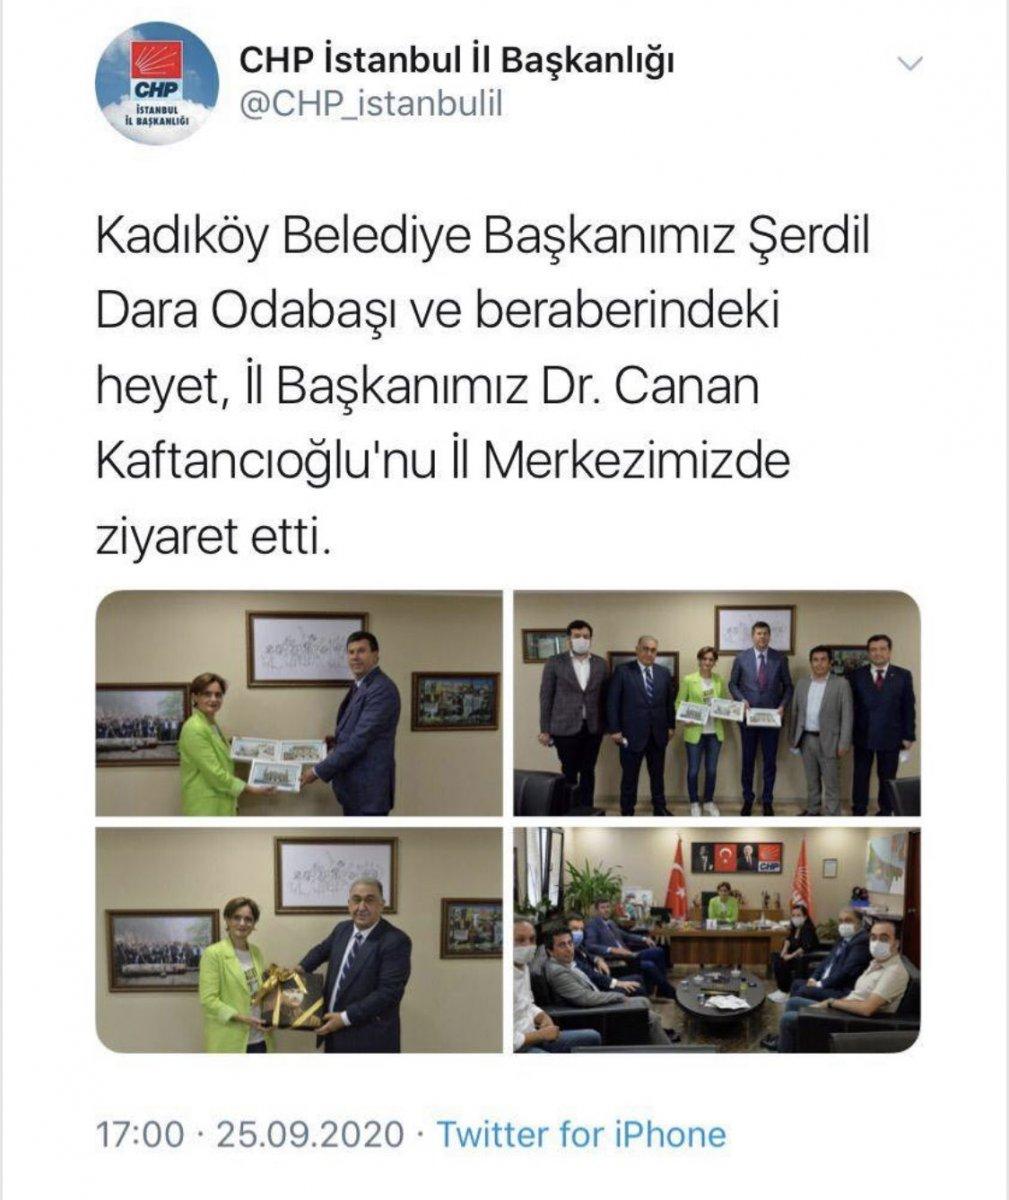 CHP İstanbul İl Başkanlığı Atatürk fotoğraflı paylaşımı sildi #1